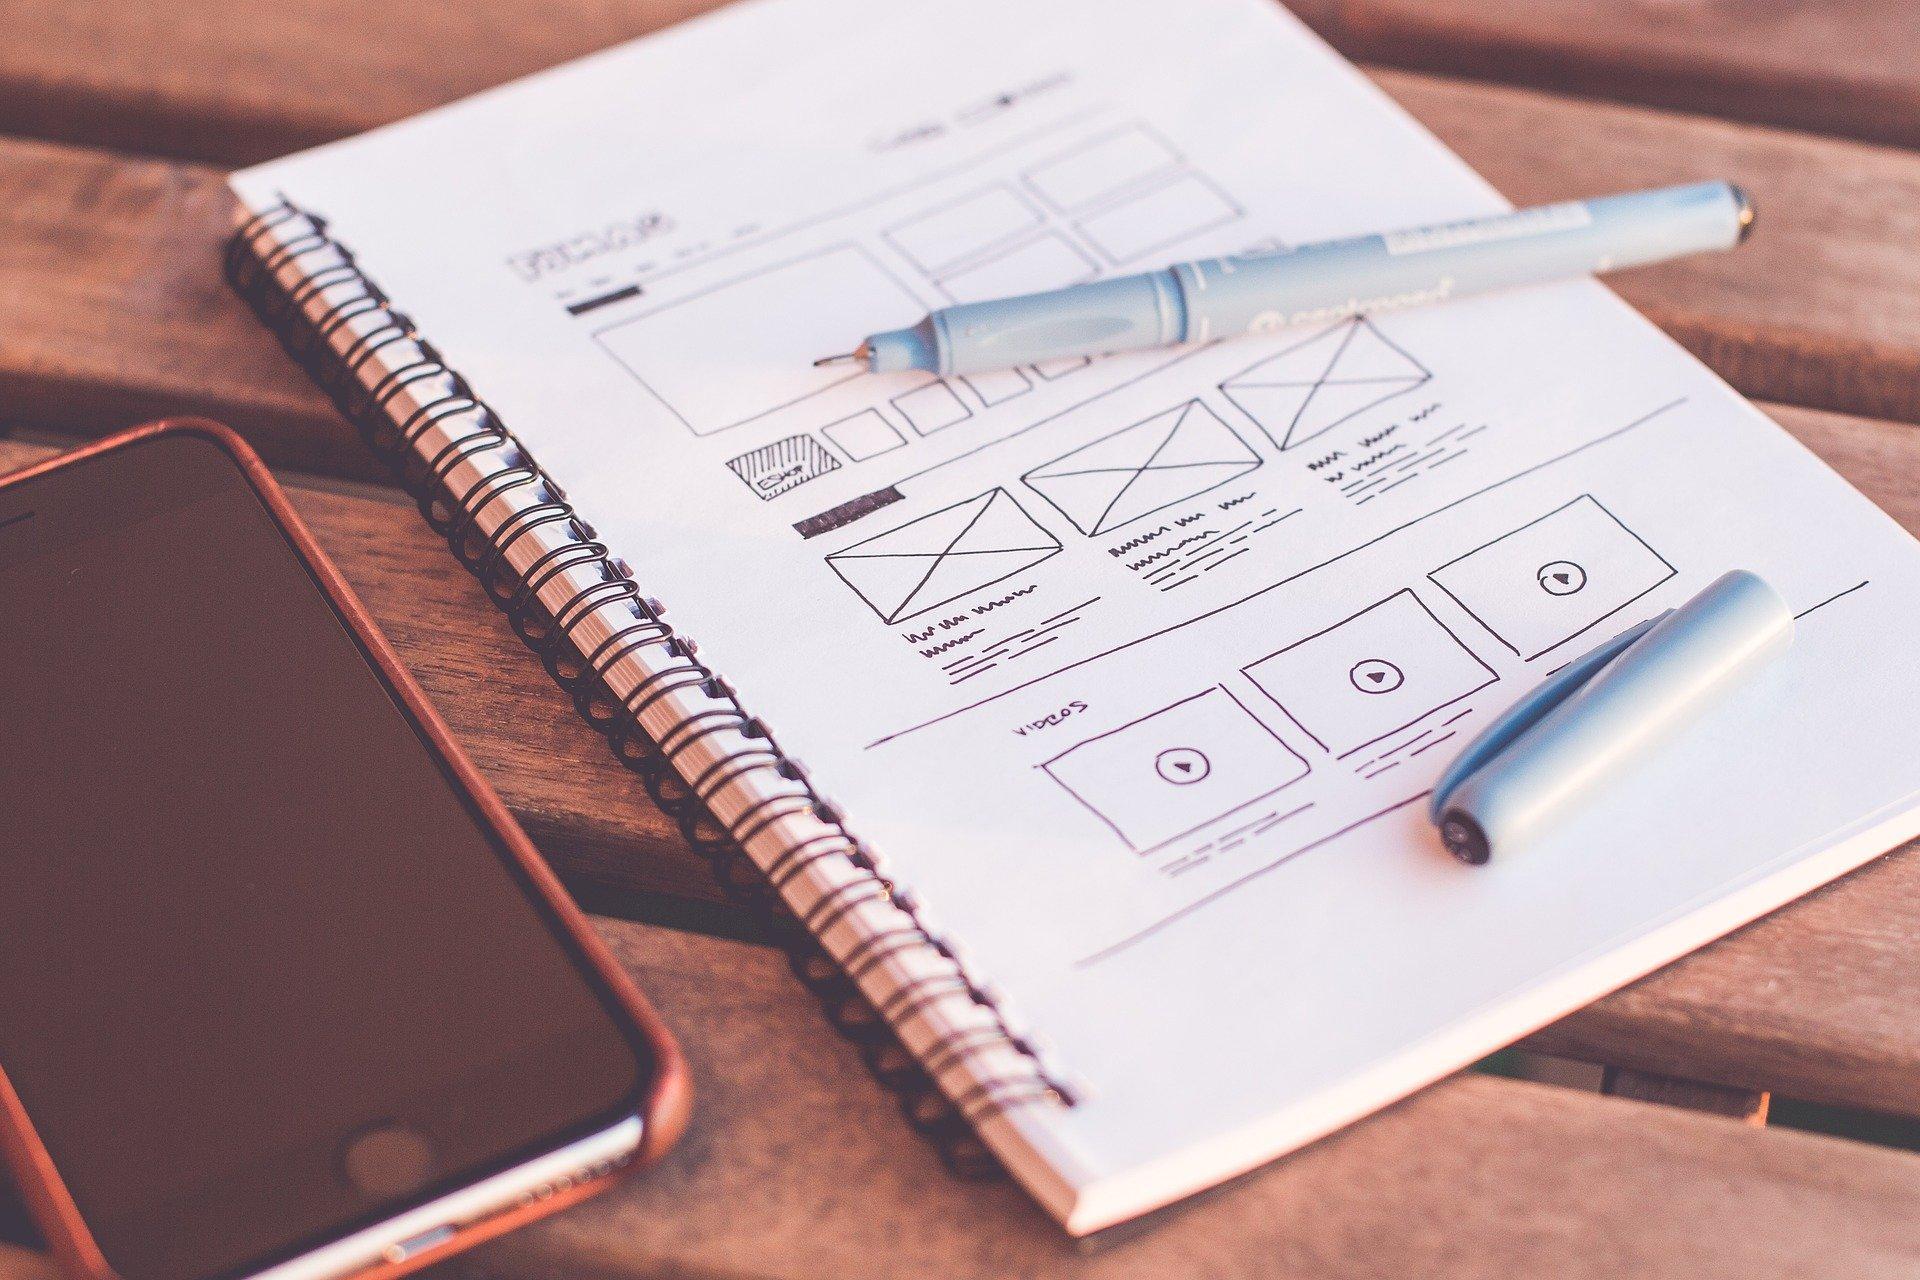 Ошибки веб дизайна, которые стоит избегать